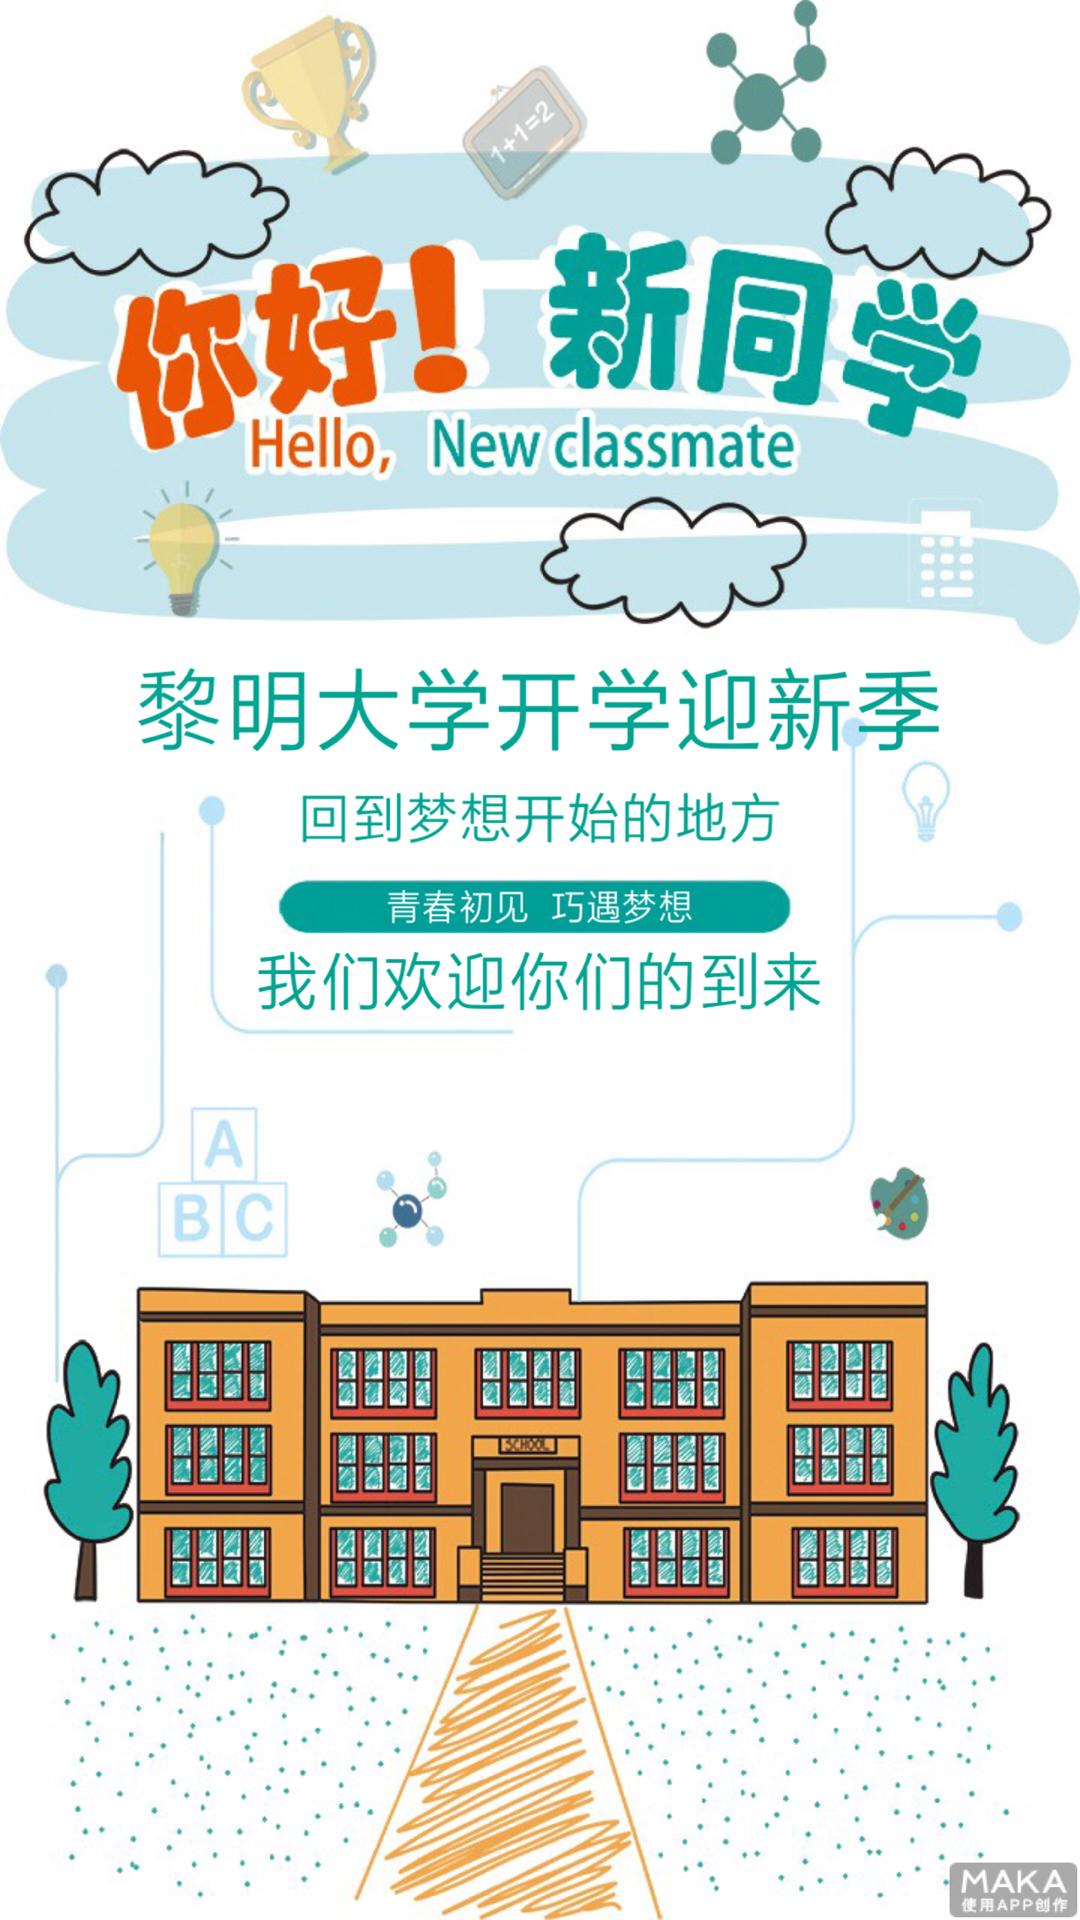 学校开学季宣传海报推广迎新生仪式